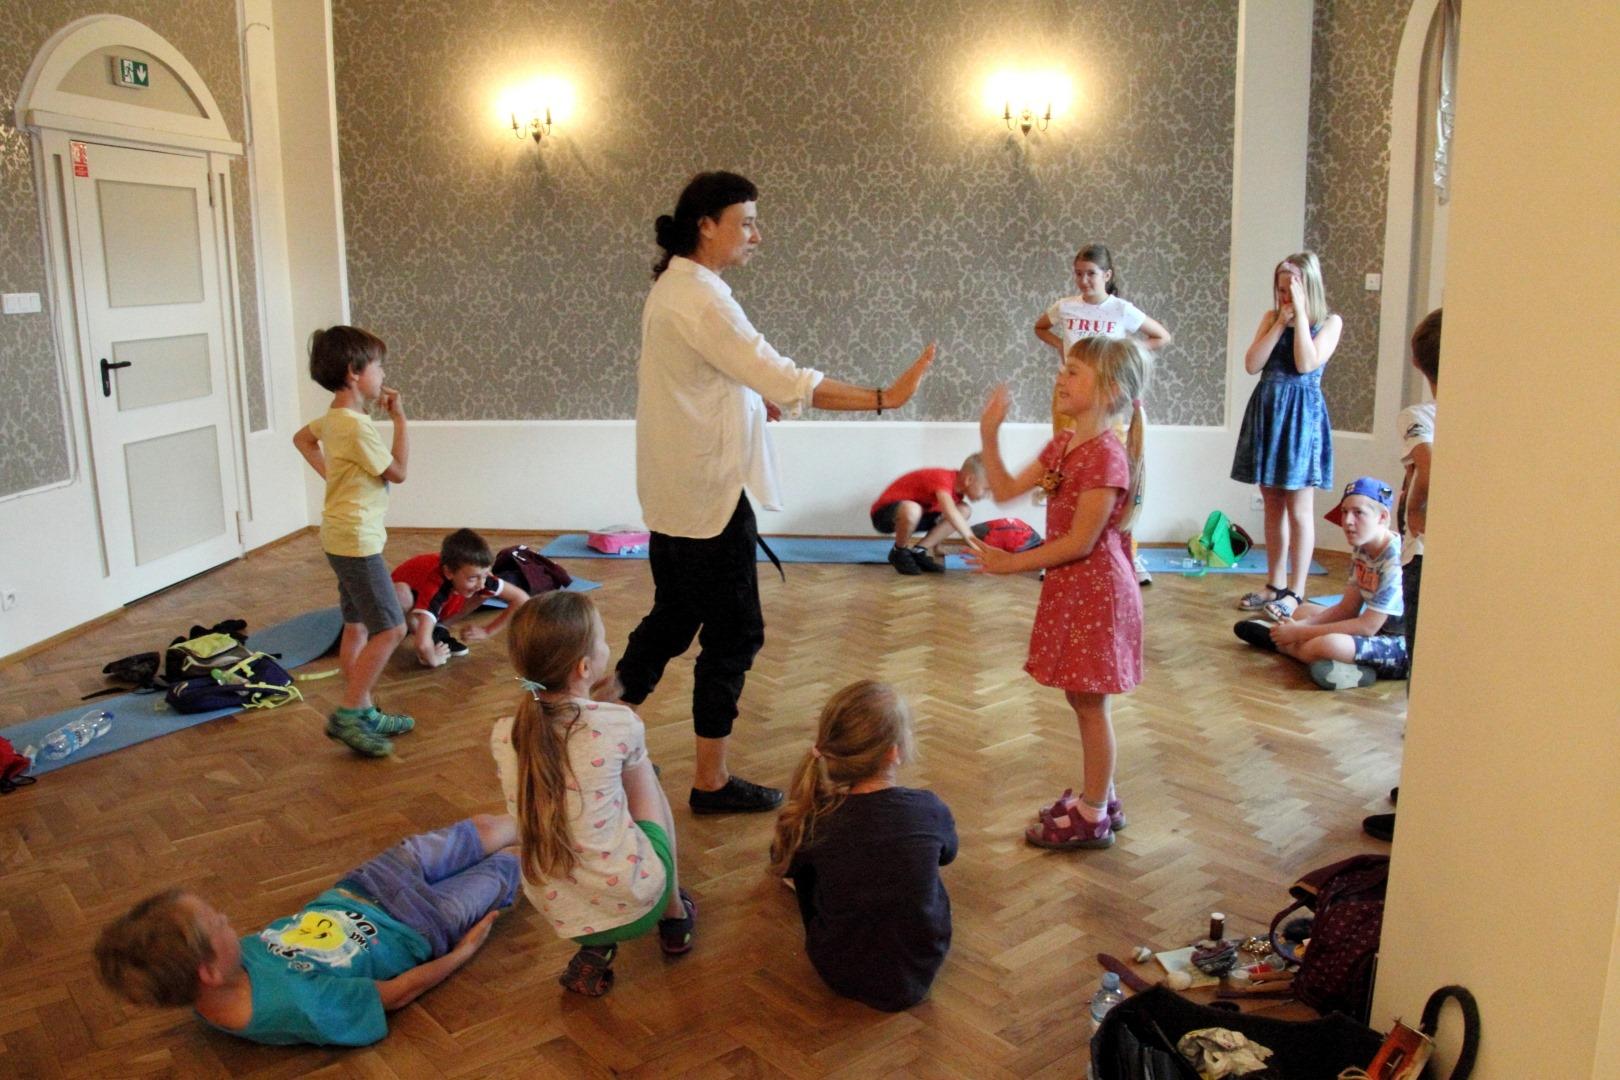 Dzieci będące na dużej sali. Część dzieci leży na karimatach, dwójka stoi wokół prowadzącej zajęcia kobiety